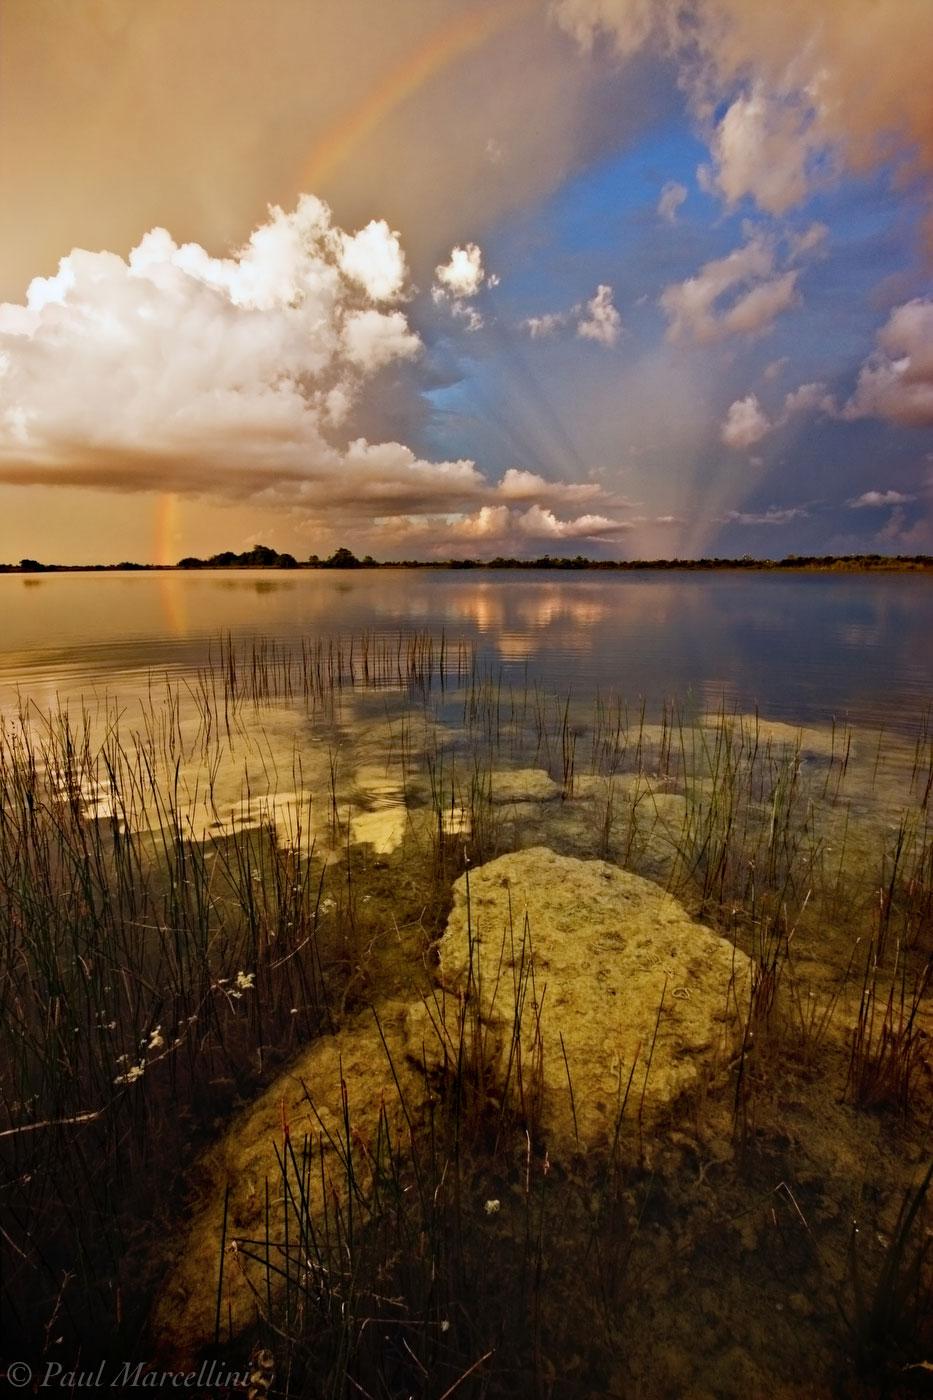 everglades, rainbow, anti-crepuscular rays, lake, reflection, sunset, Florida, nature, photography, florida national parks, photo